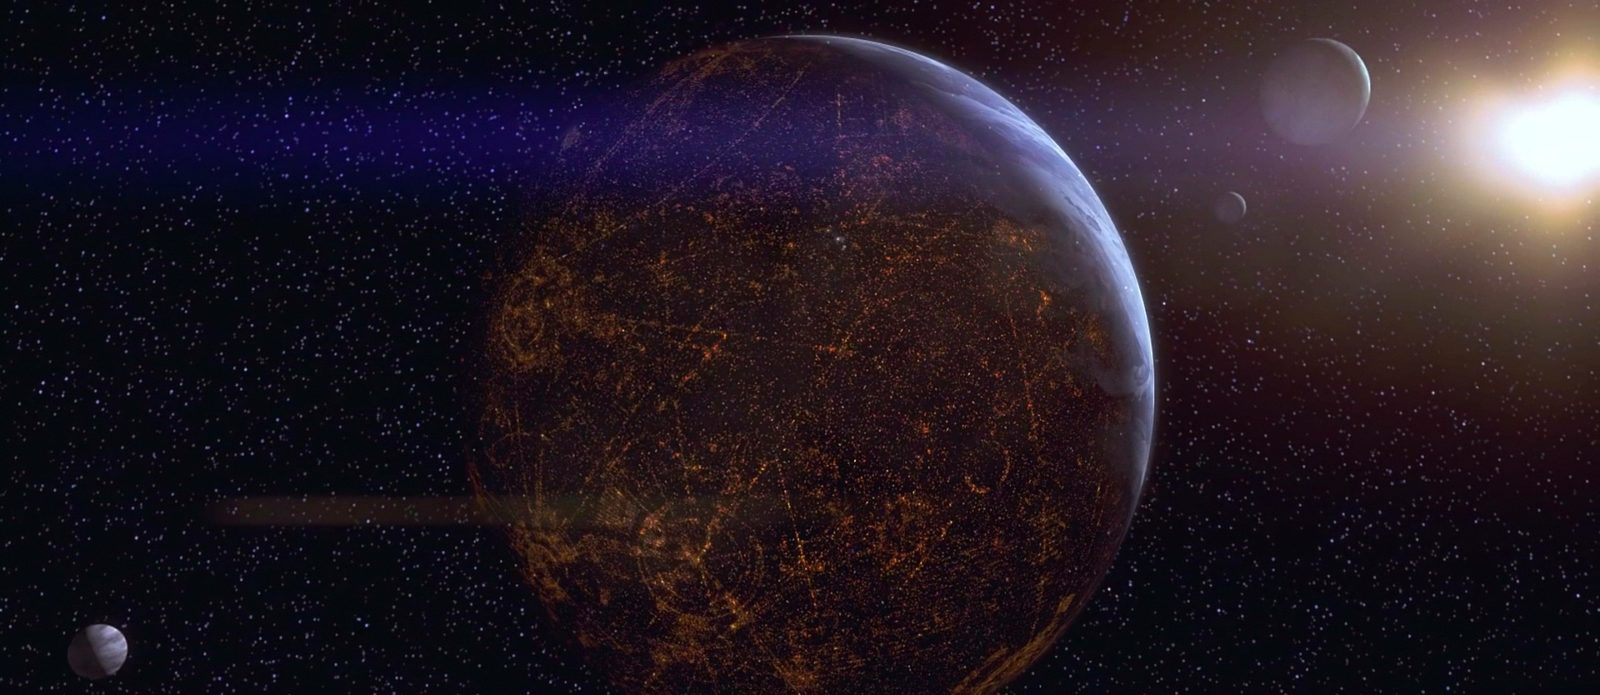 asimov repubblica galattica pianeti simili città spazio pianeta coruscant